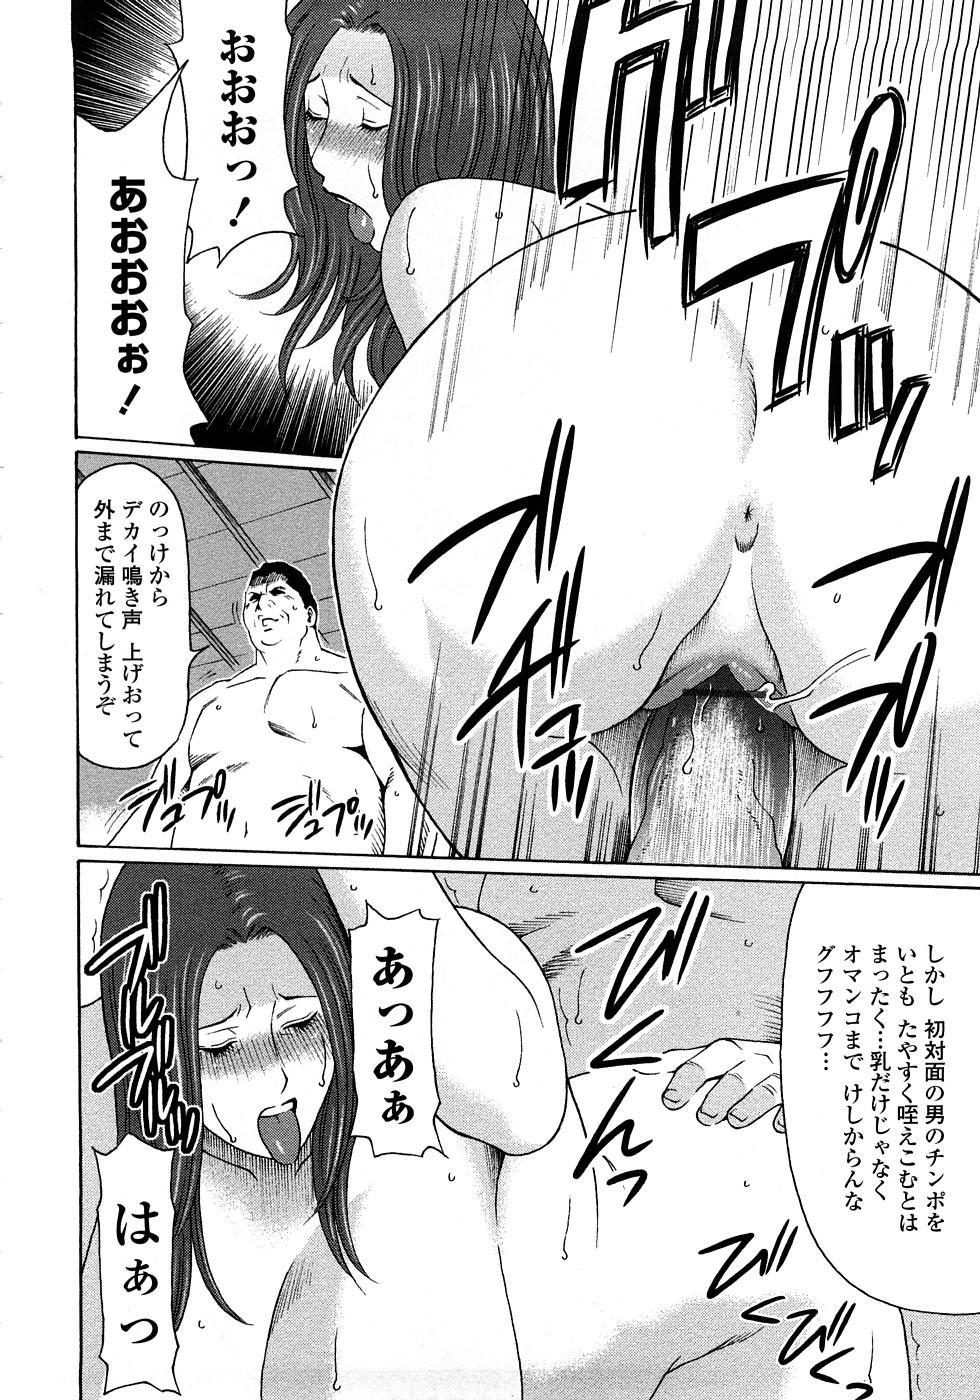 Etsuraku no Tobira - The Door of Sexual Pleasure 200